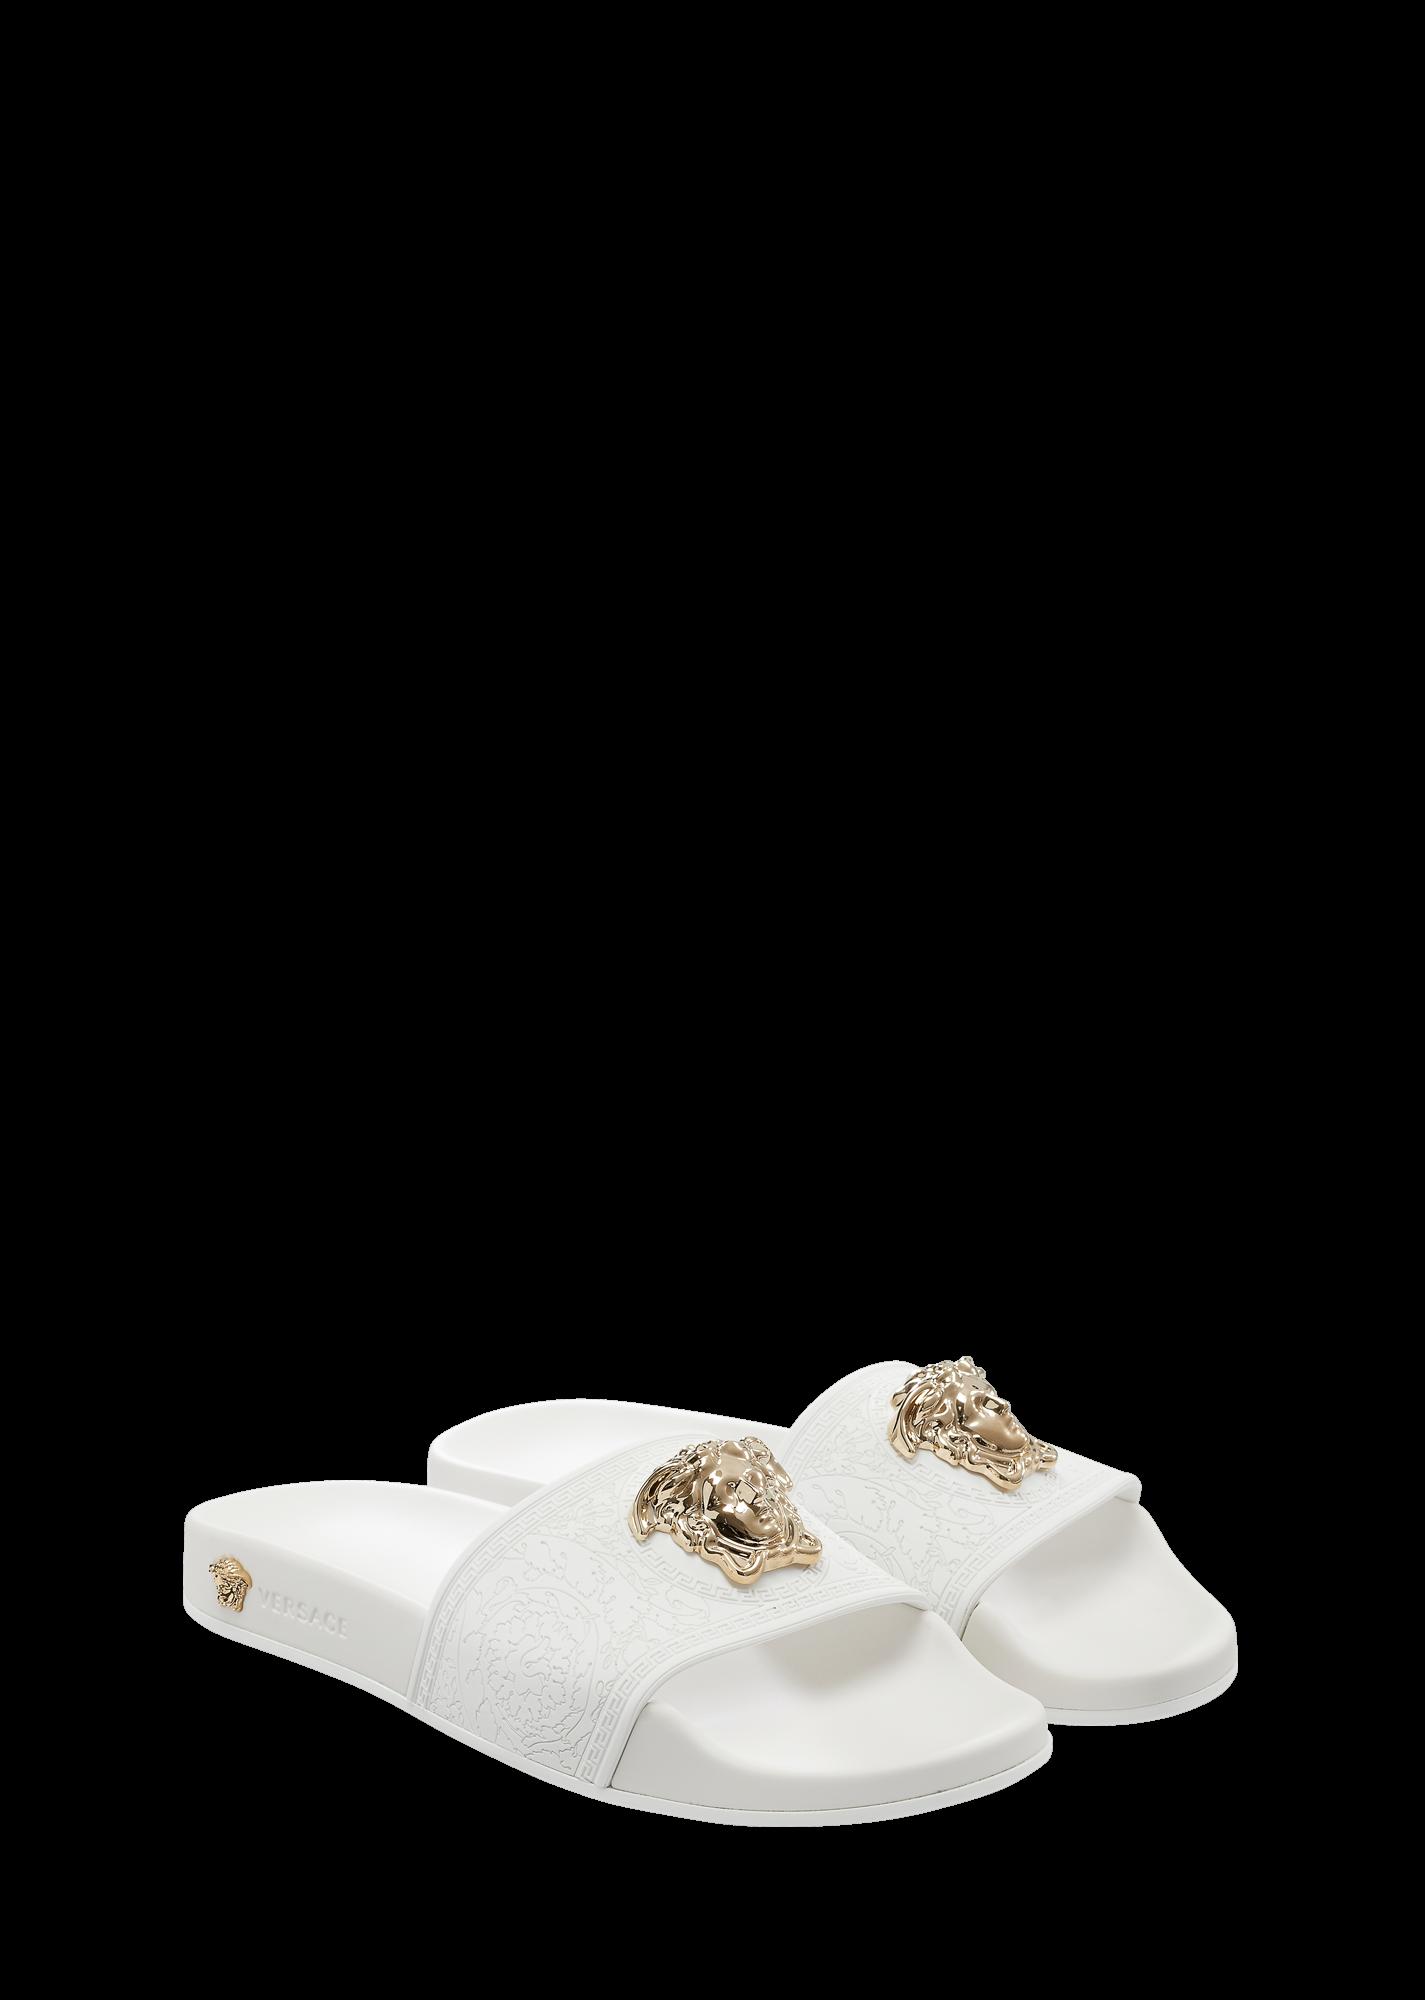 b7774ea404 Baroque Medusa Slides - White / Light Gold Sandals - £290.00 ...